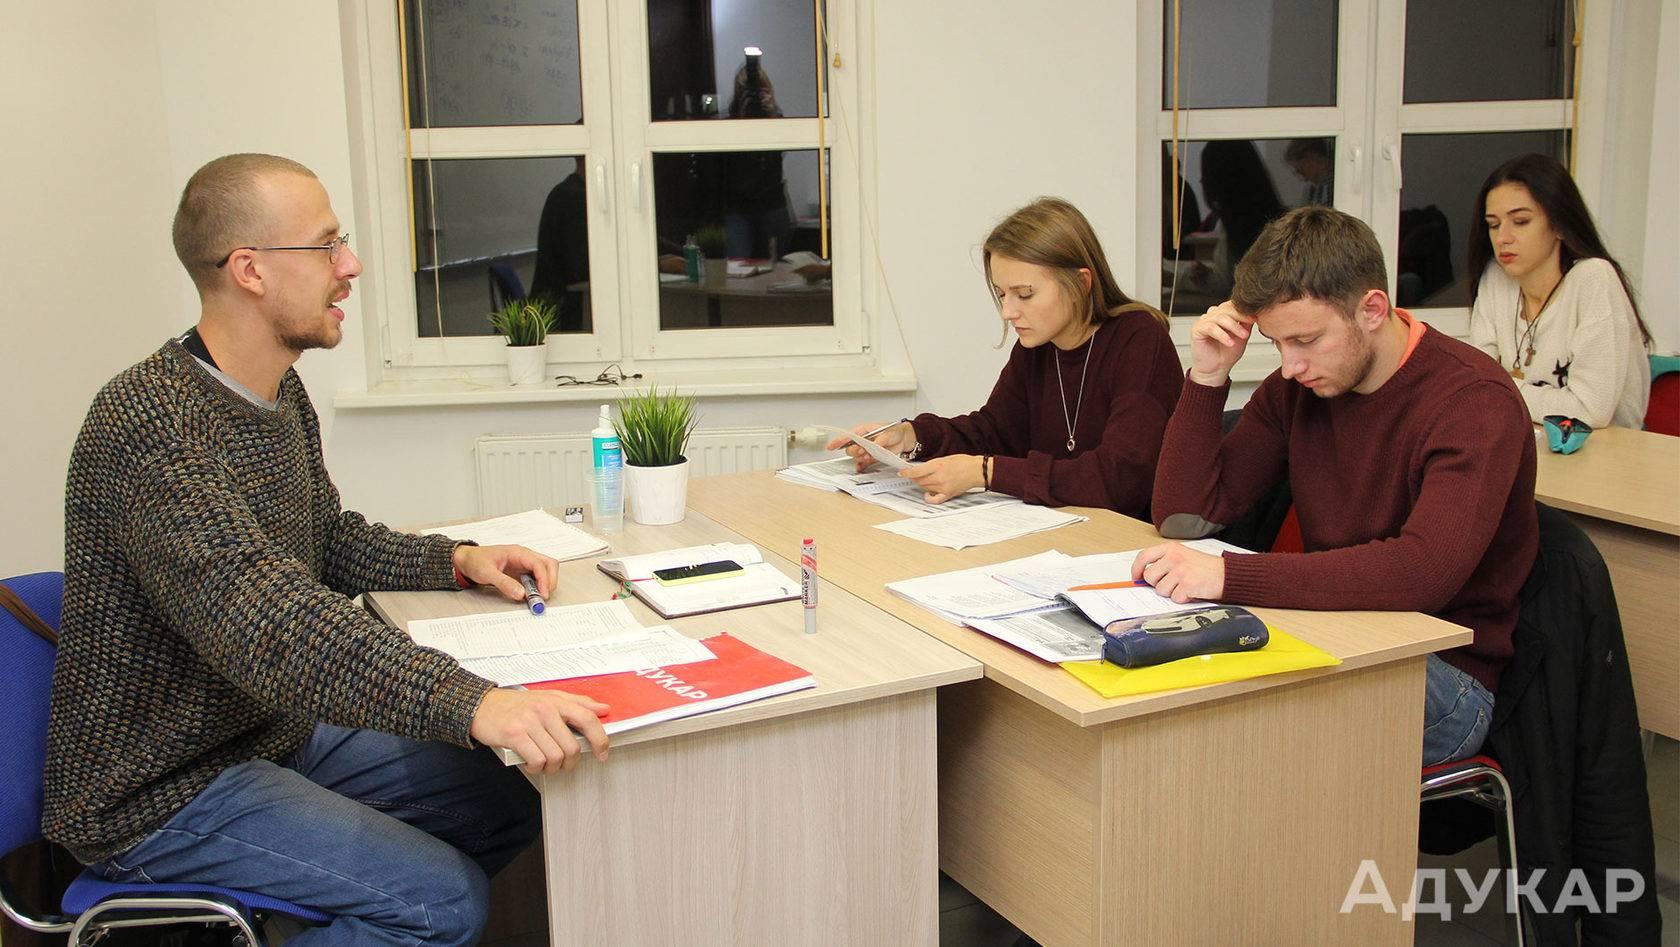 Вся правда о польском образовании из уст белорусской студентки. вы будете поражены ценам: новости, обучение, вуз   высшее учебное заведение, карта поляка, общество